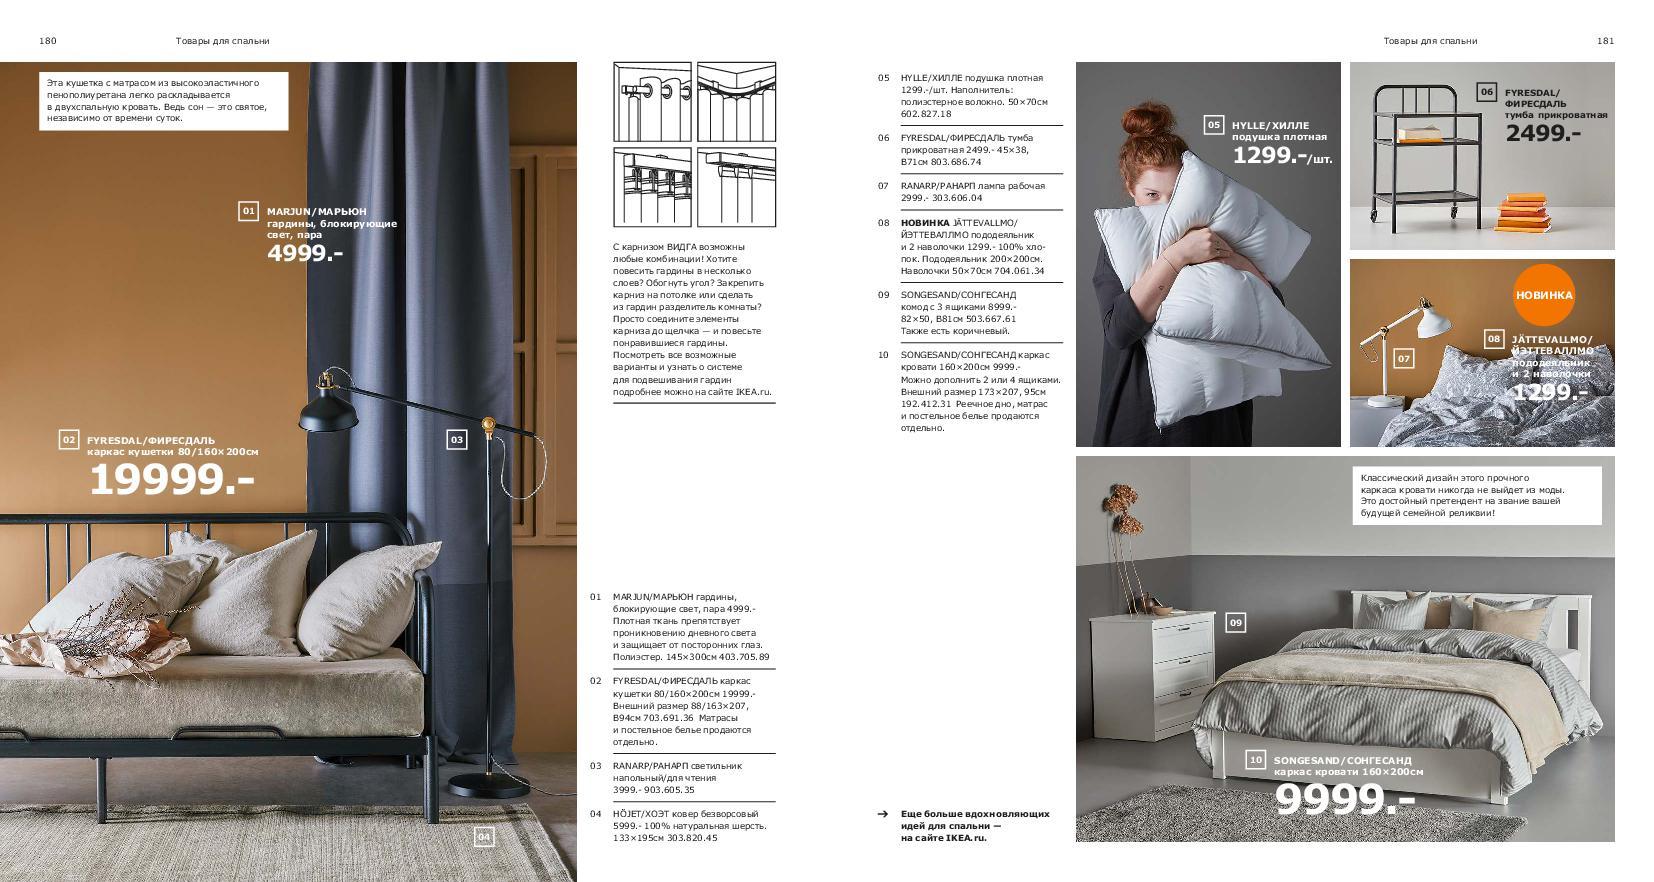 IKEA_catalogue_2019-91